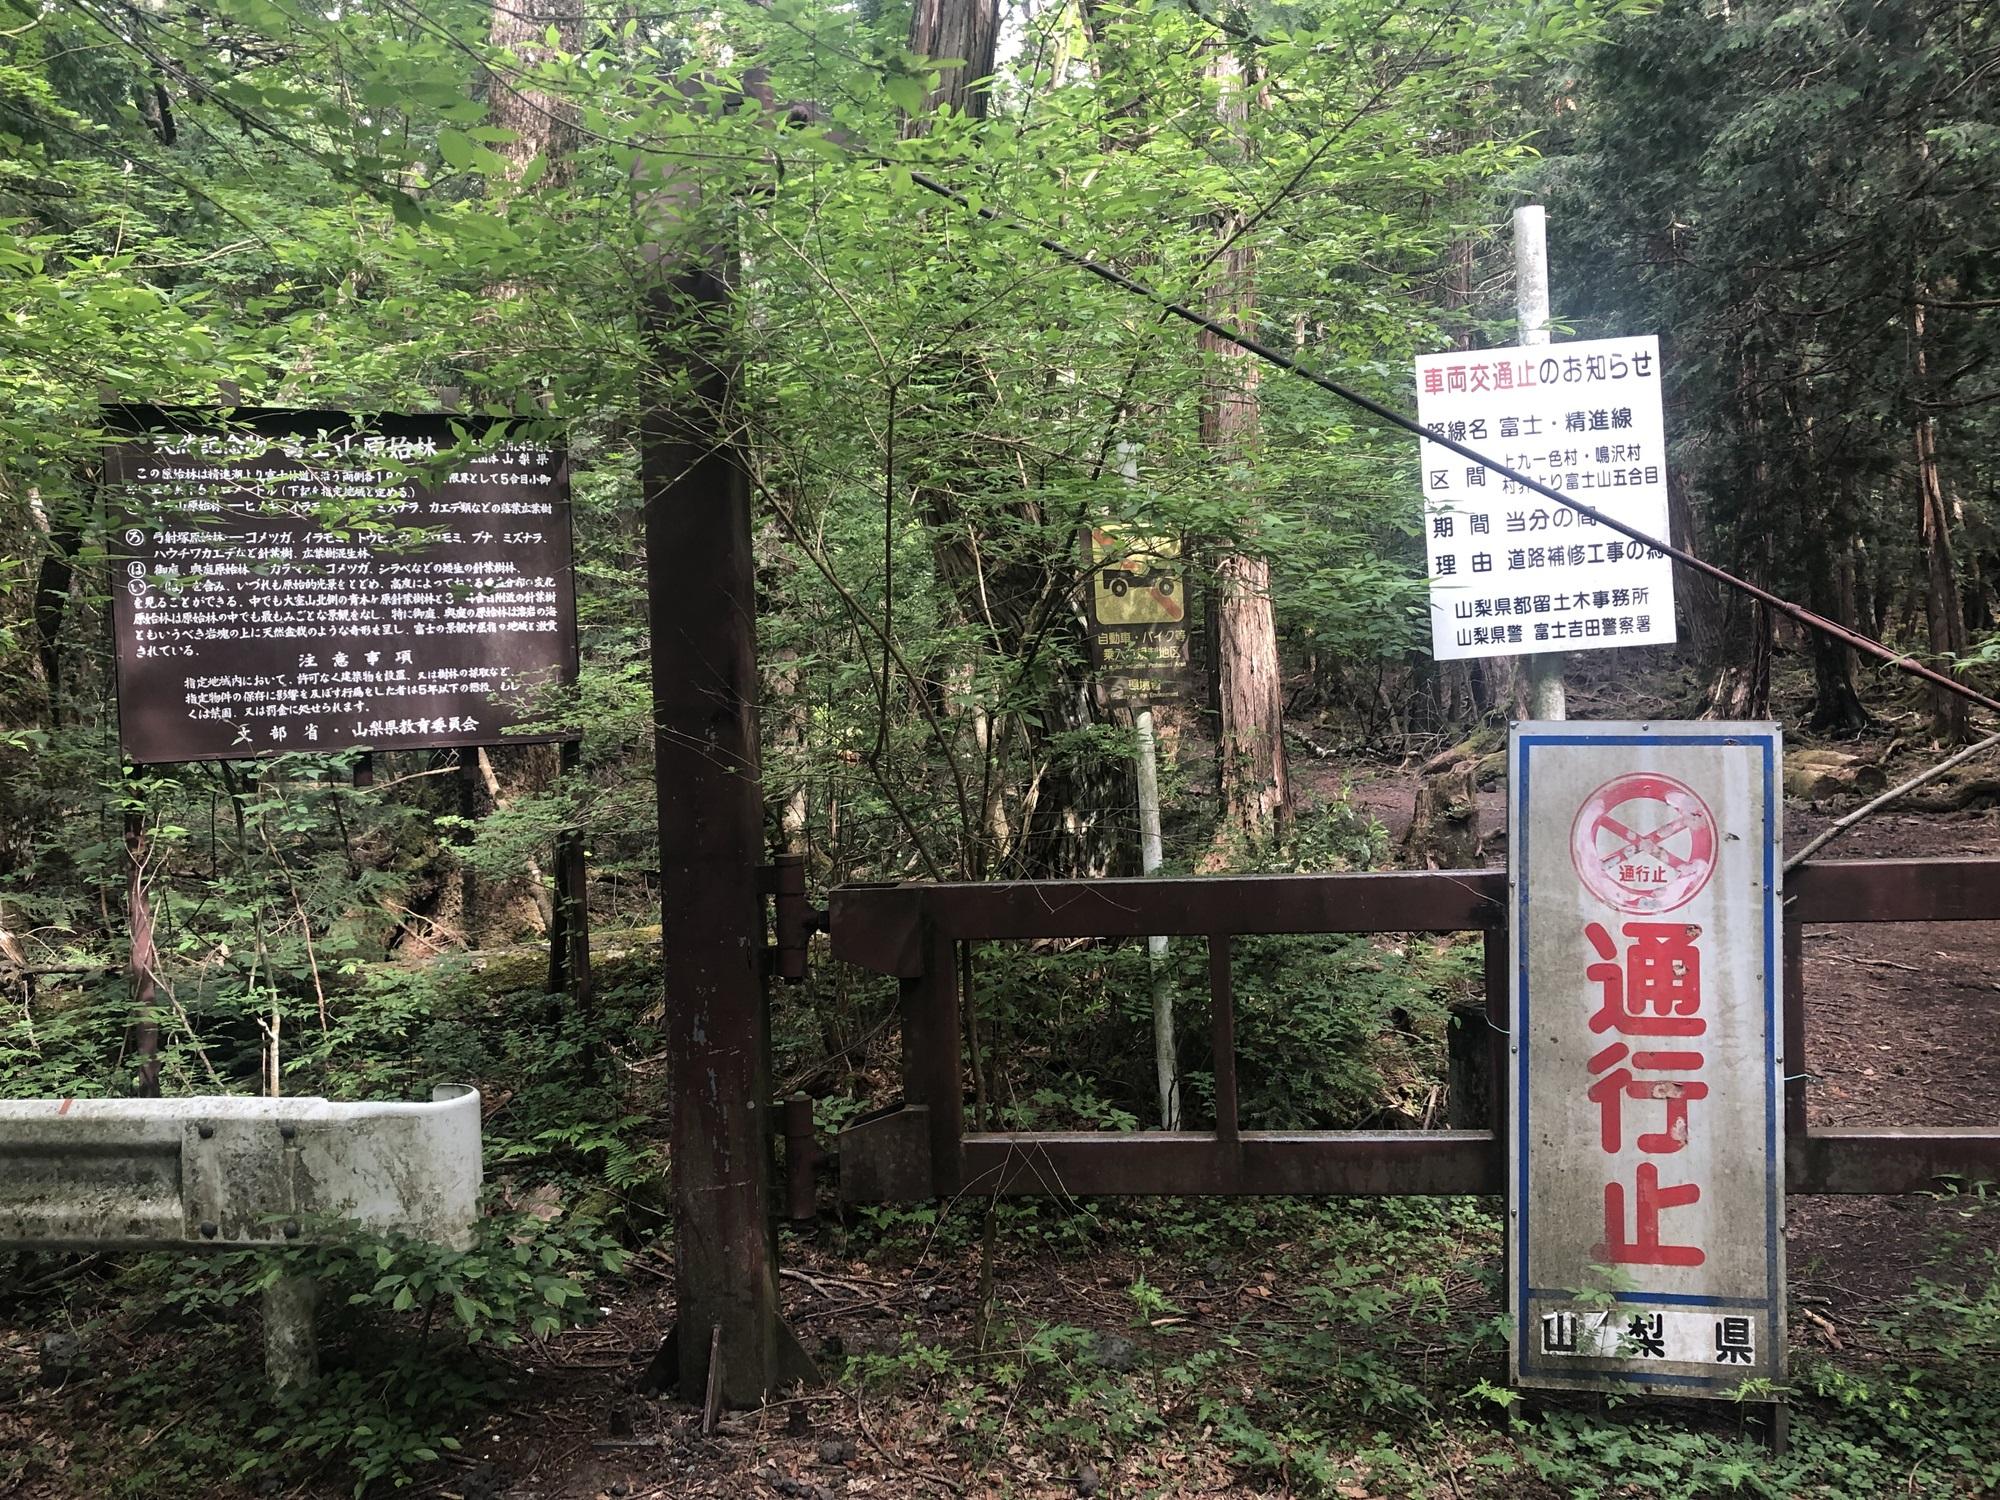 <p>Репутацията на гората може би има нещо общо с факта, че в японската митология гората отдавна се свързва с демони. Освен това там дърветата растат много плътно едно до друго, което улеснява изгубването и е трудно някой да ви чуе, дори да викате с пълно гърло.</p>